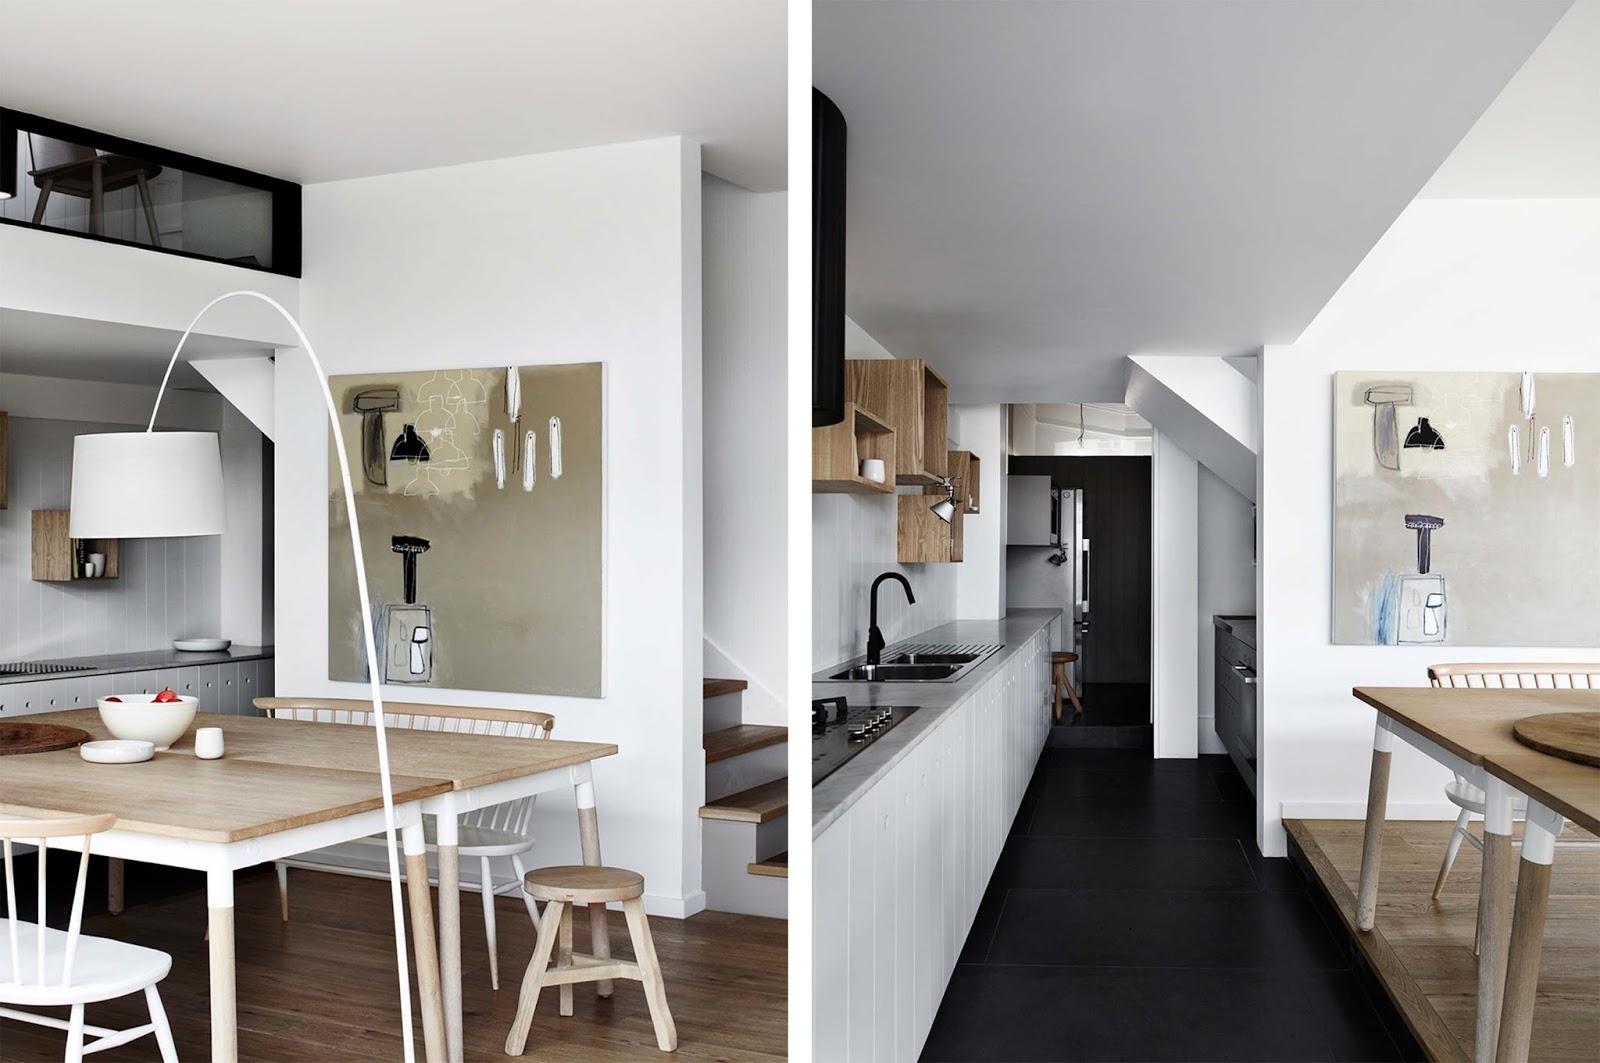 Pittura esterna casa colori idee di colore casa esterno grigio image gallery con pittura - Pittura esterna casa ...